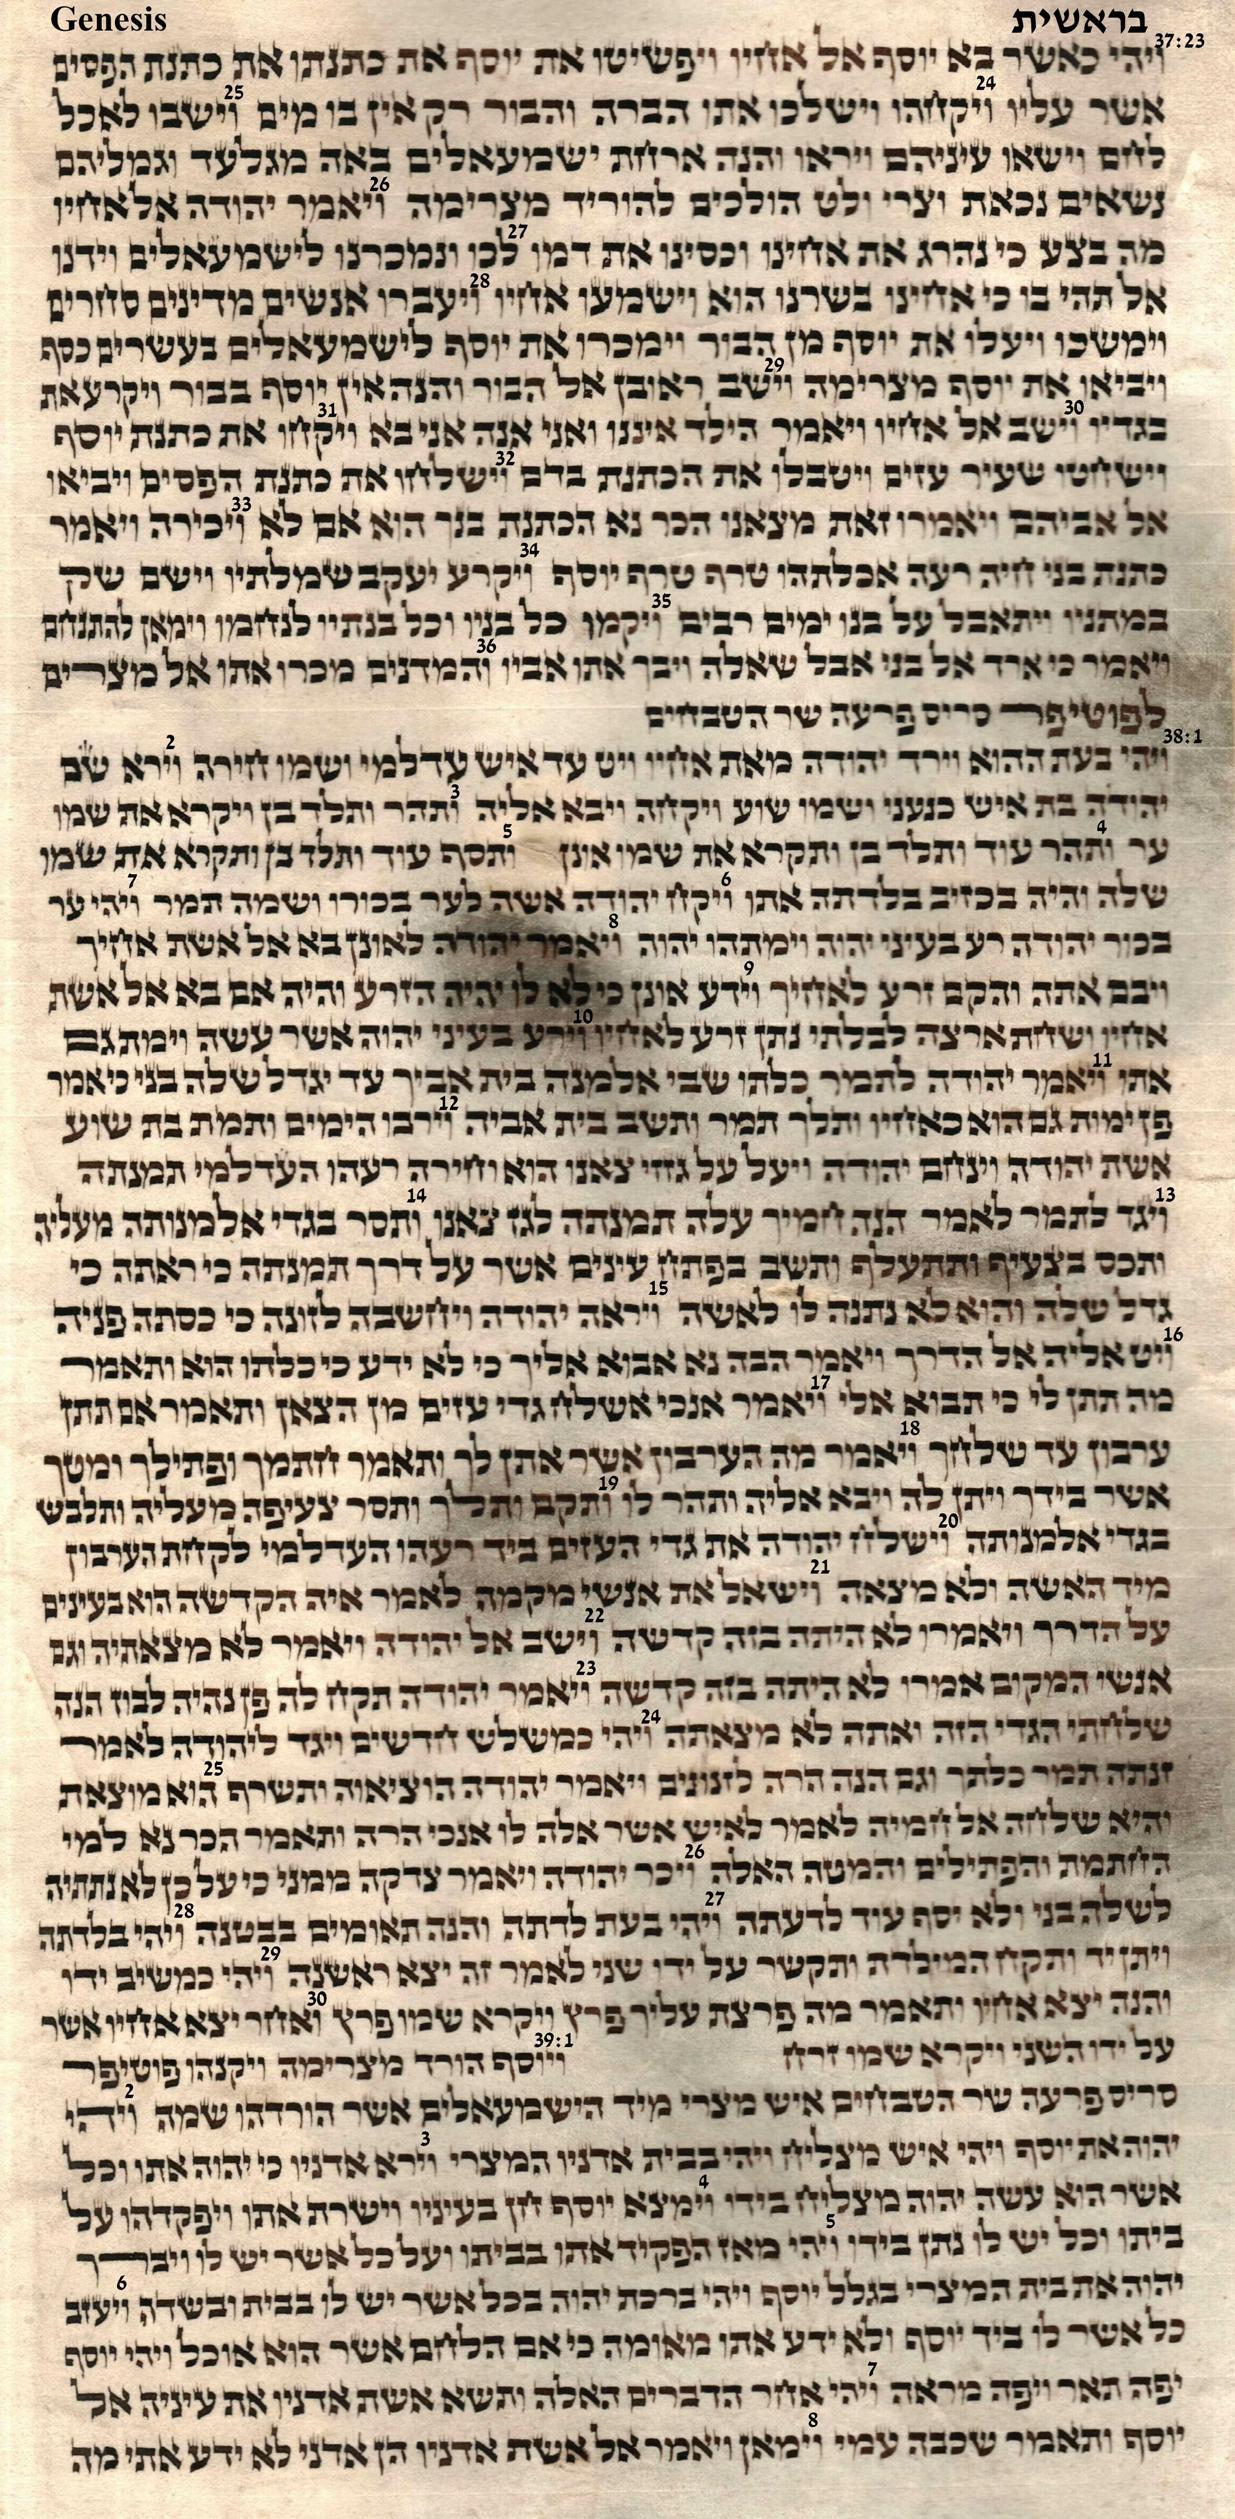 Genesis 37.23 - 39.8